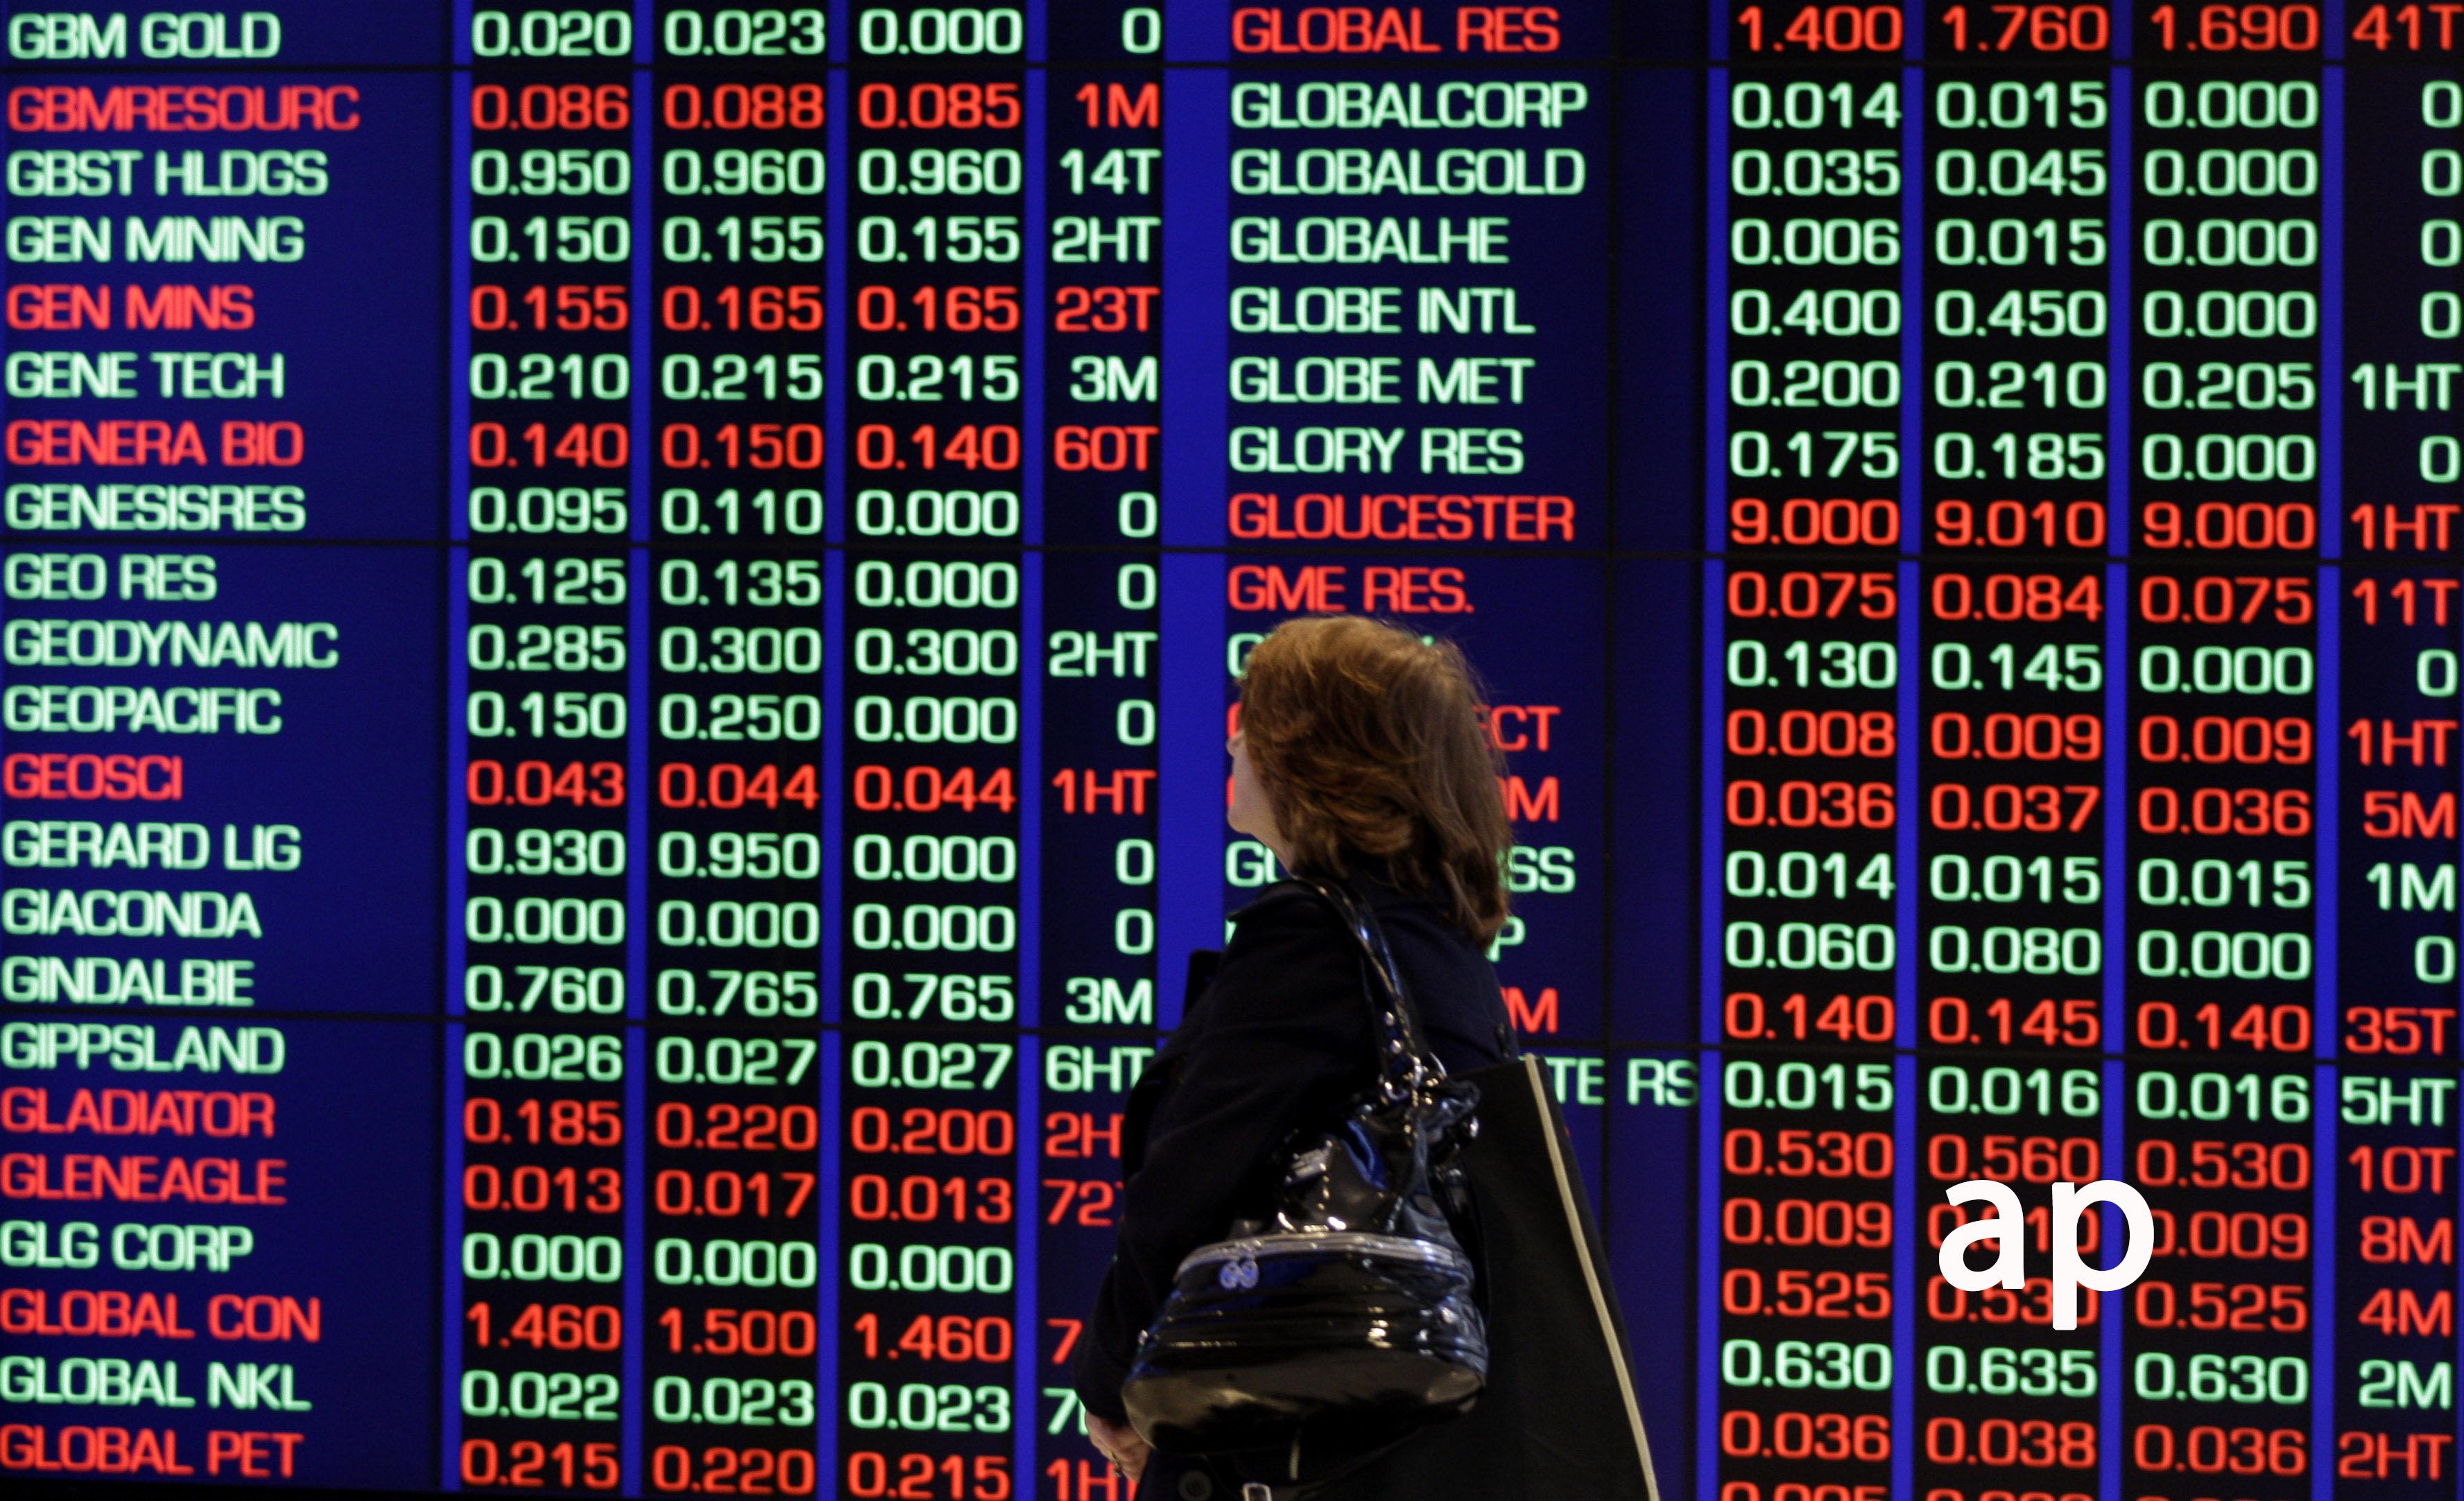 Halbzeit an den Märkten: Die Morningstar-Kategorien in der Performance-Übersicht